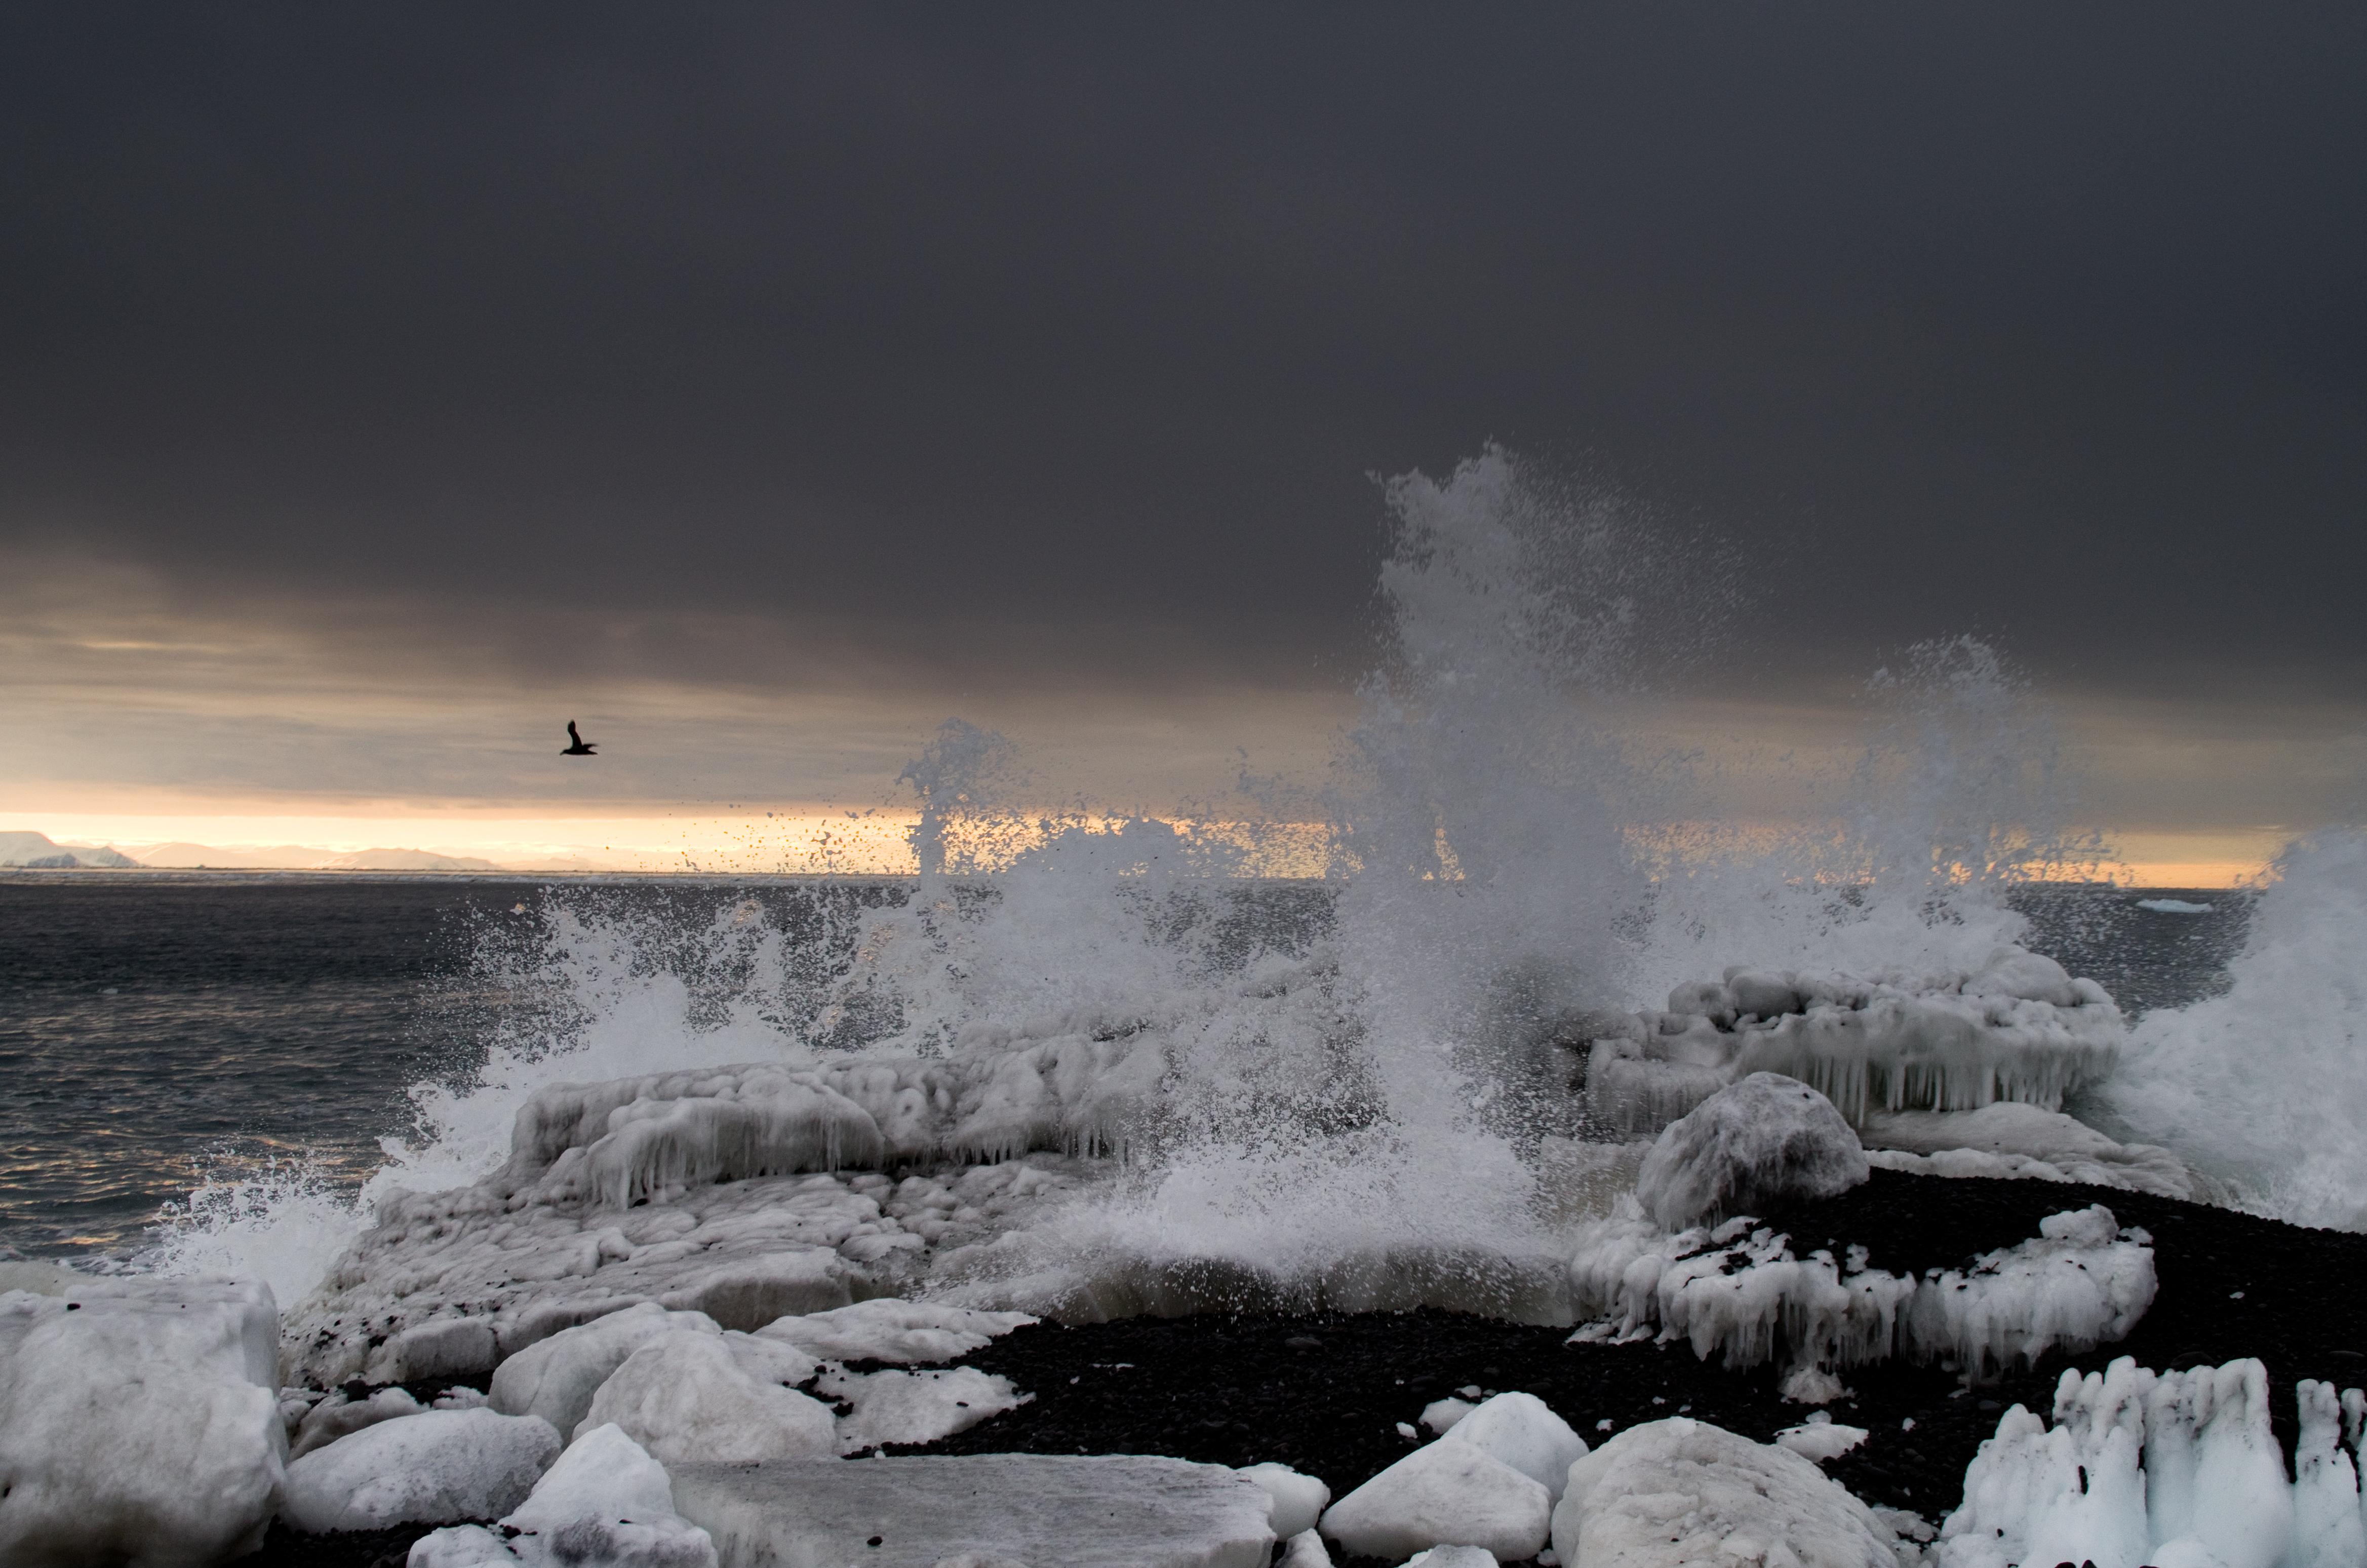 Cape Adare Antarctica